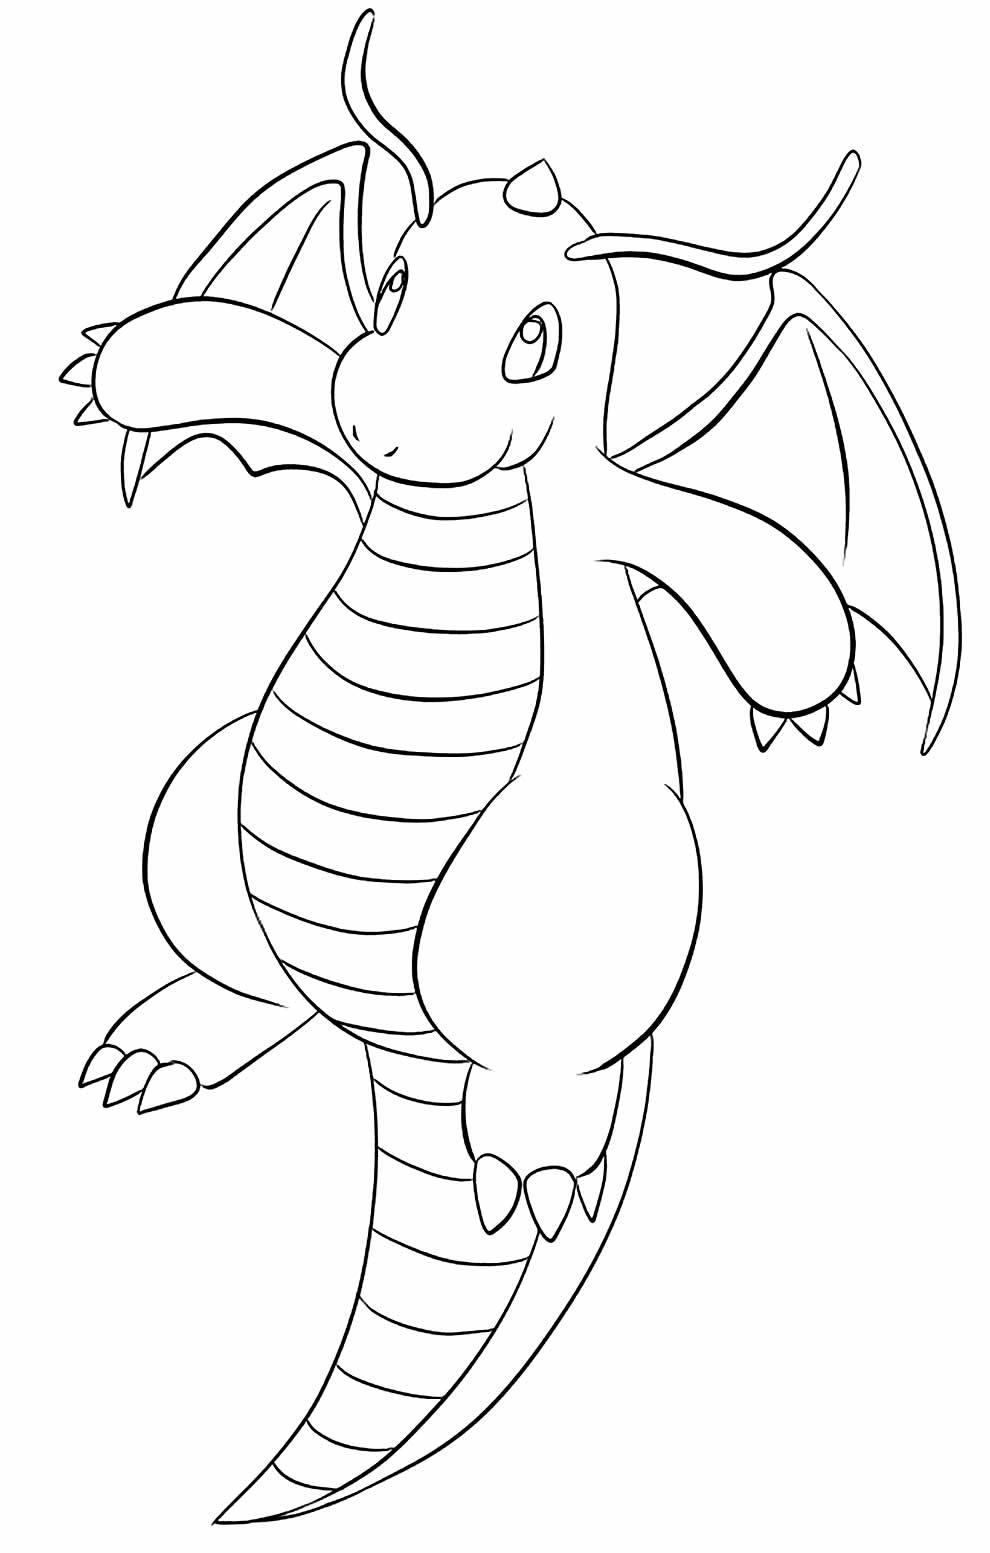 Pokémon image to paint